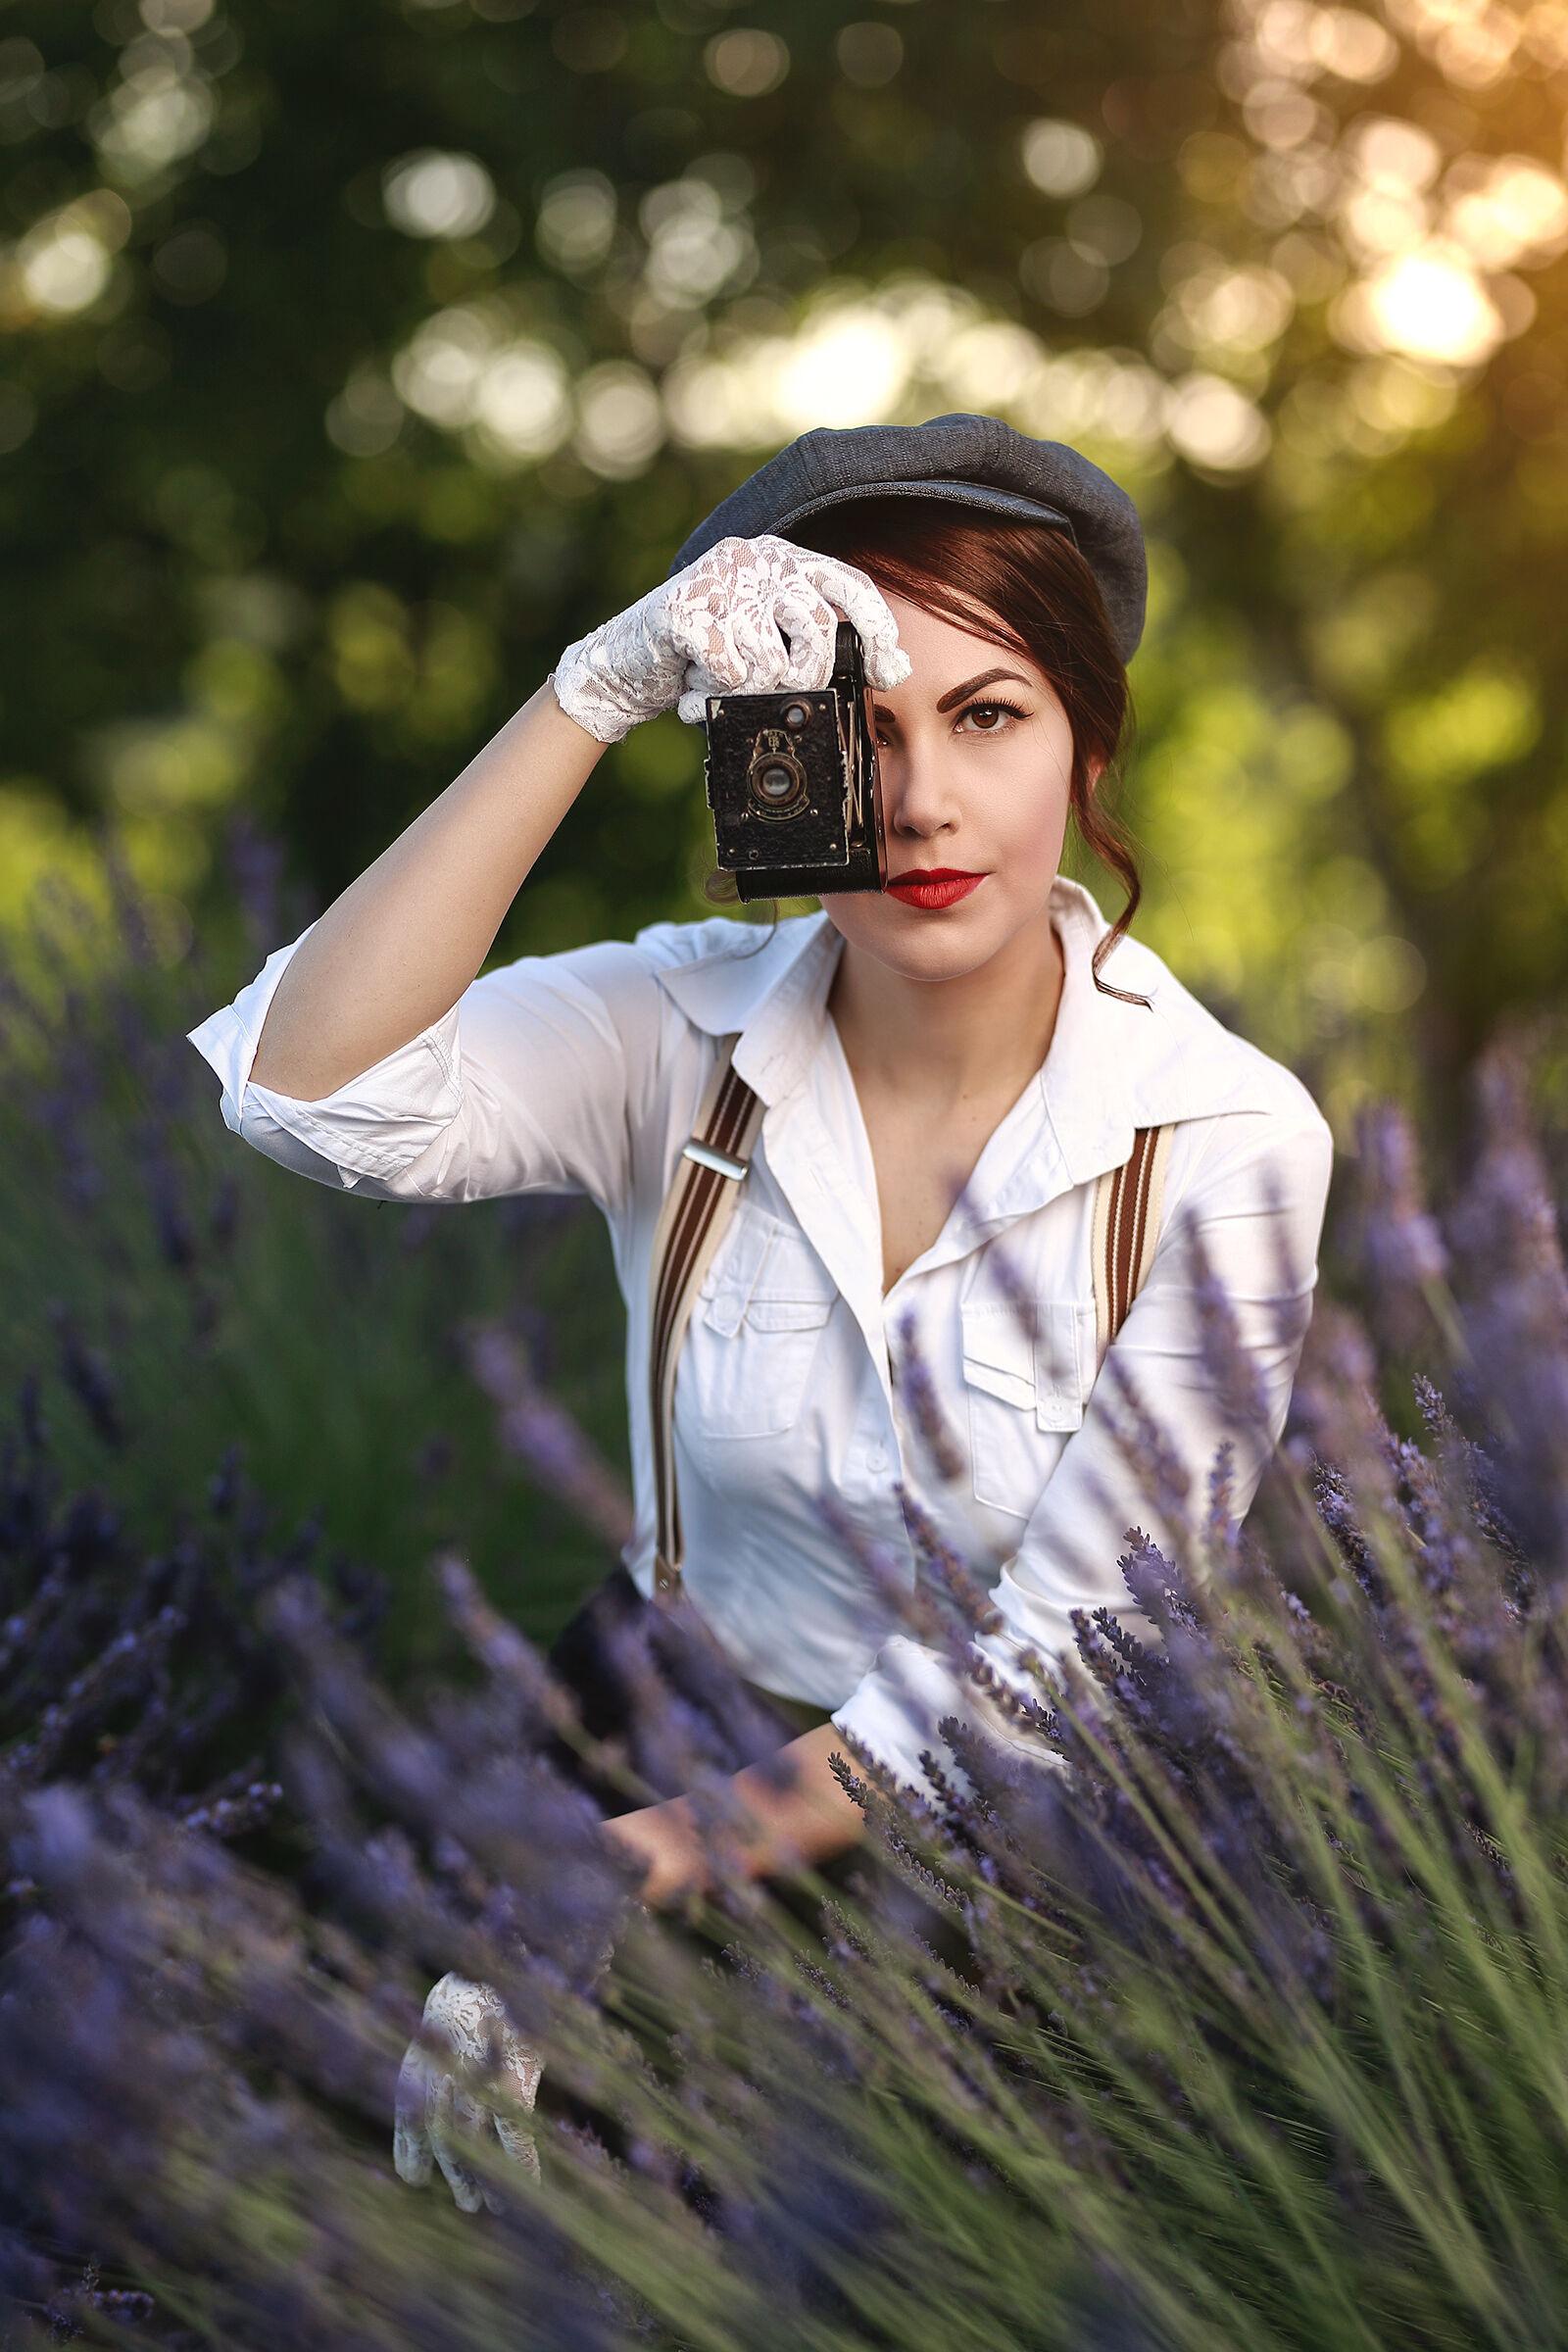 La fotografa...